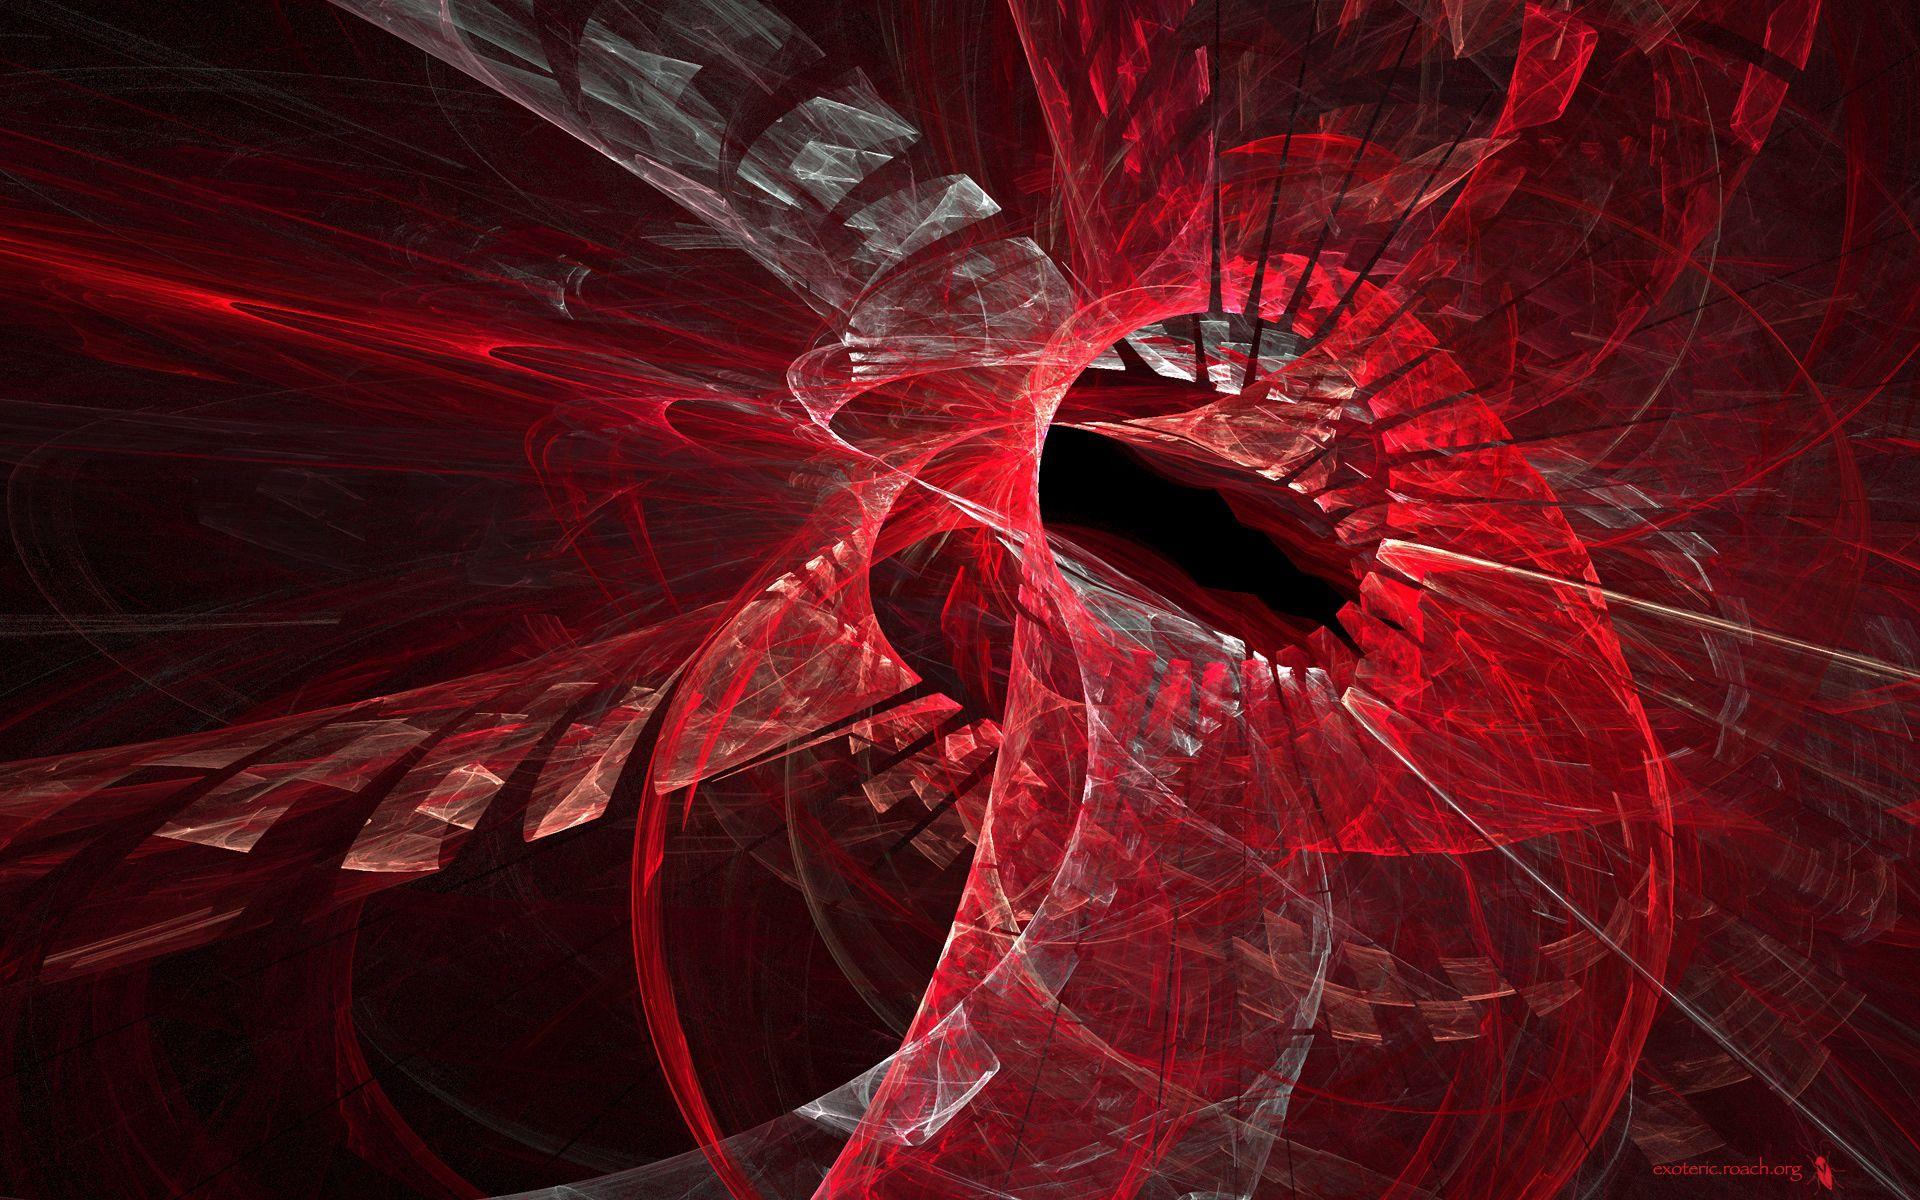 144048 Hintergrundbild herunterladen Abstrakt, Hintergrund, Hell, Ein Kreis, Kreis - Bildschirmschoner und Bilder kostenlos